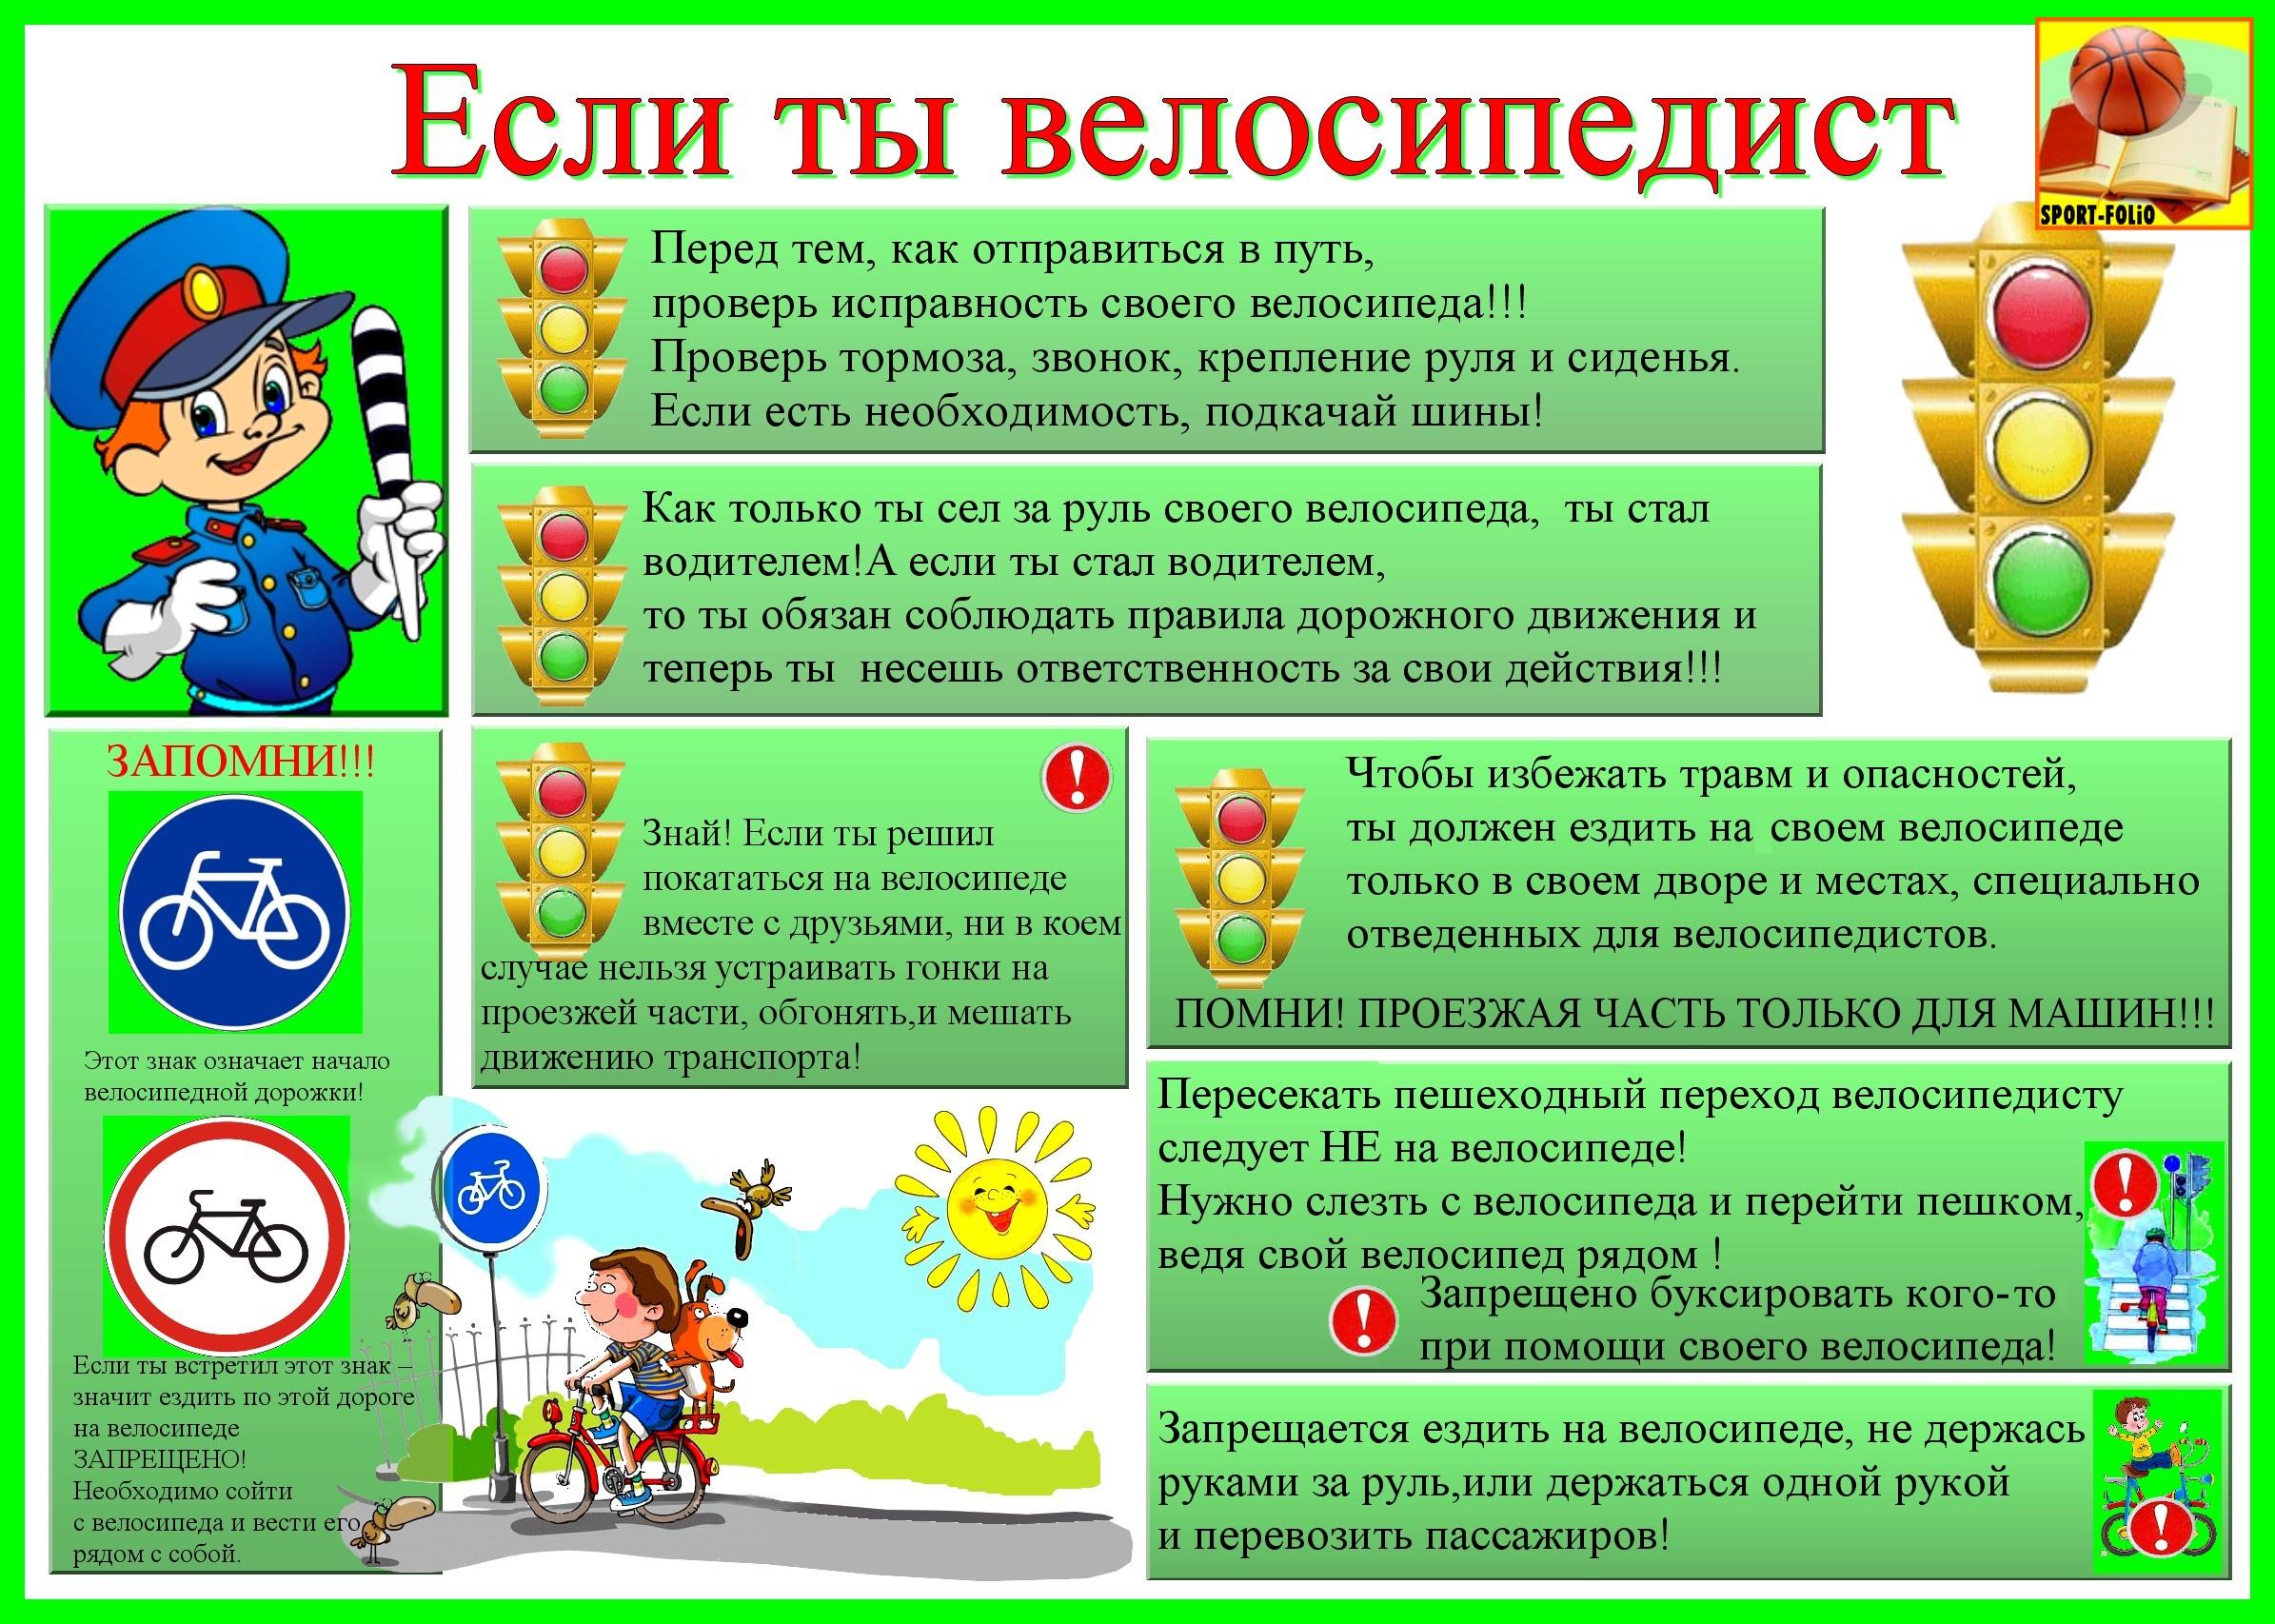 Правила дорожного движения велосипедистов для детей